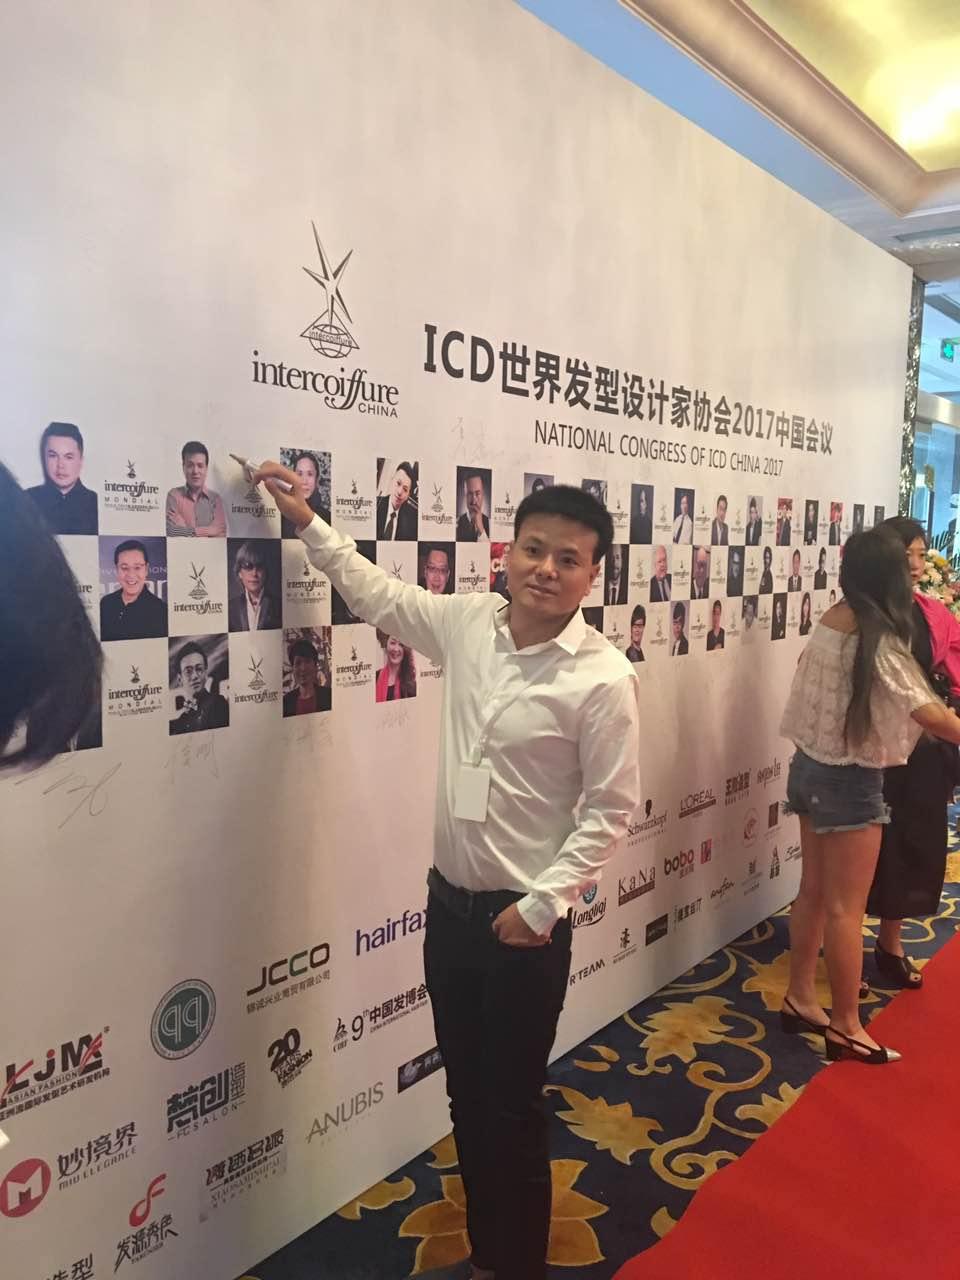 欢迎ICD世界发型设计家协会中国区会长许小东莅临唐风采